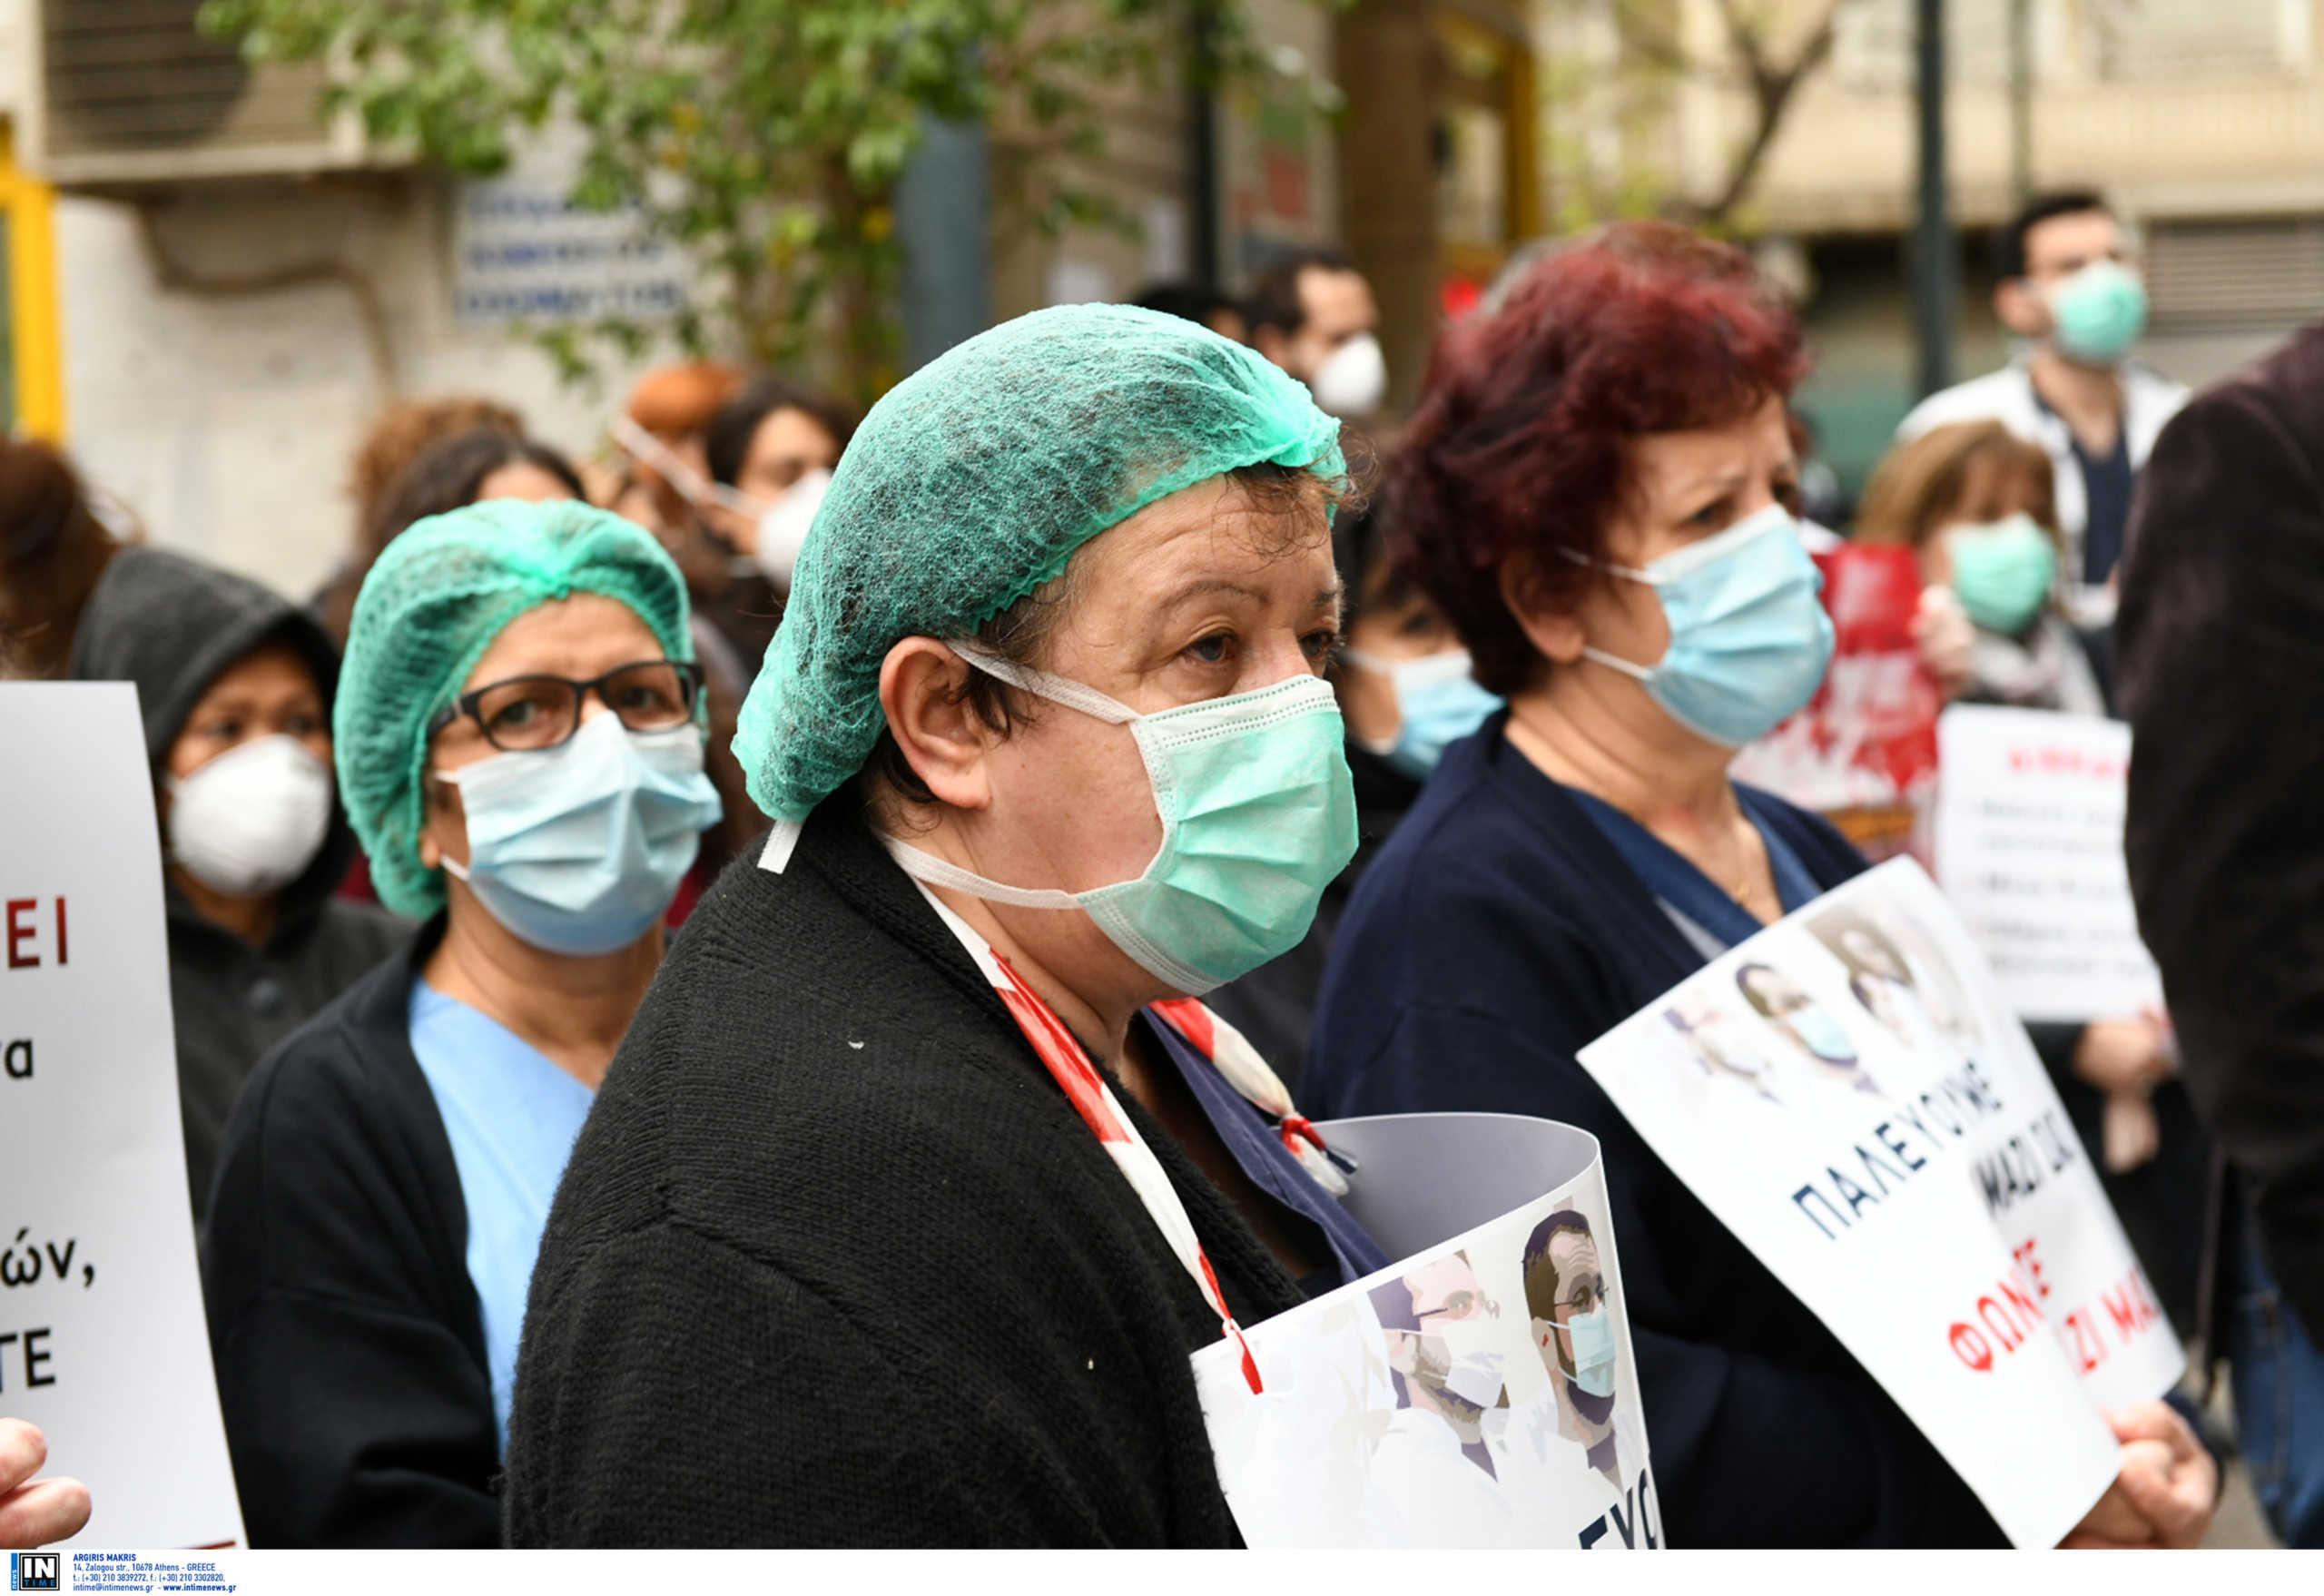 ΣΥΡΙΖΑ: Προσλήψεις και εξοπλισμός στην υγεία τώρα